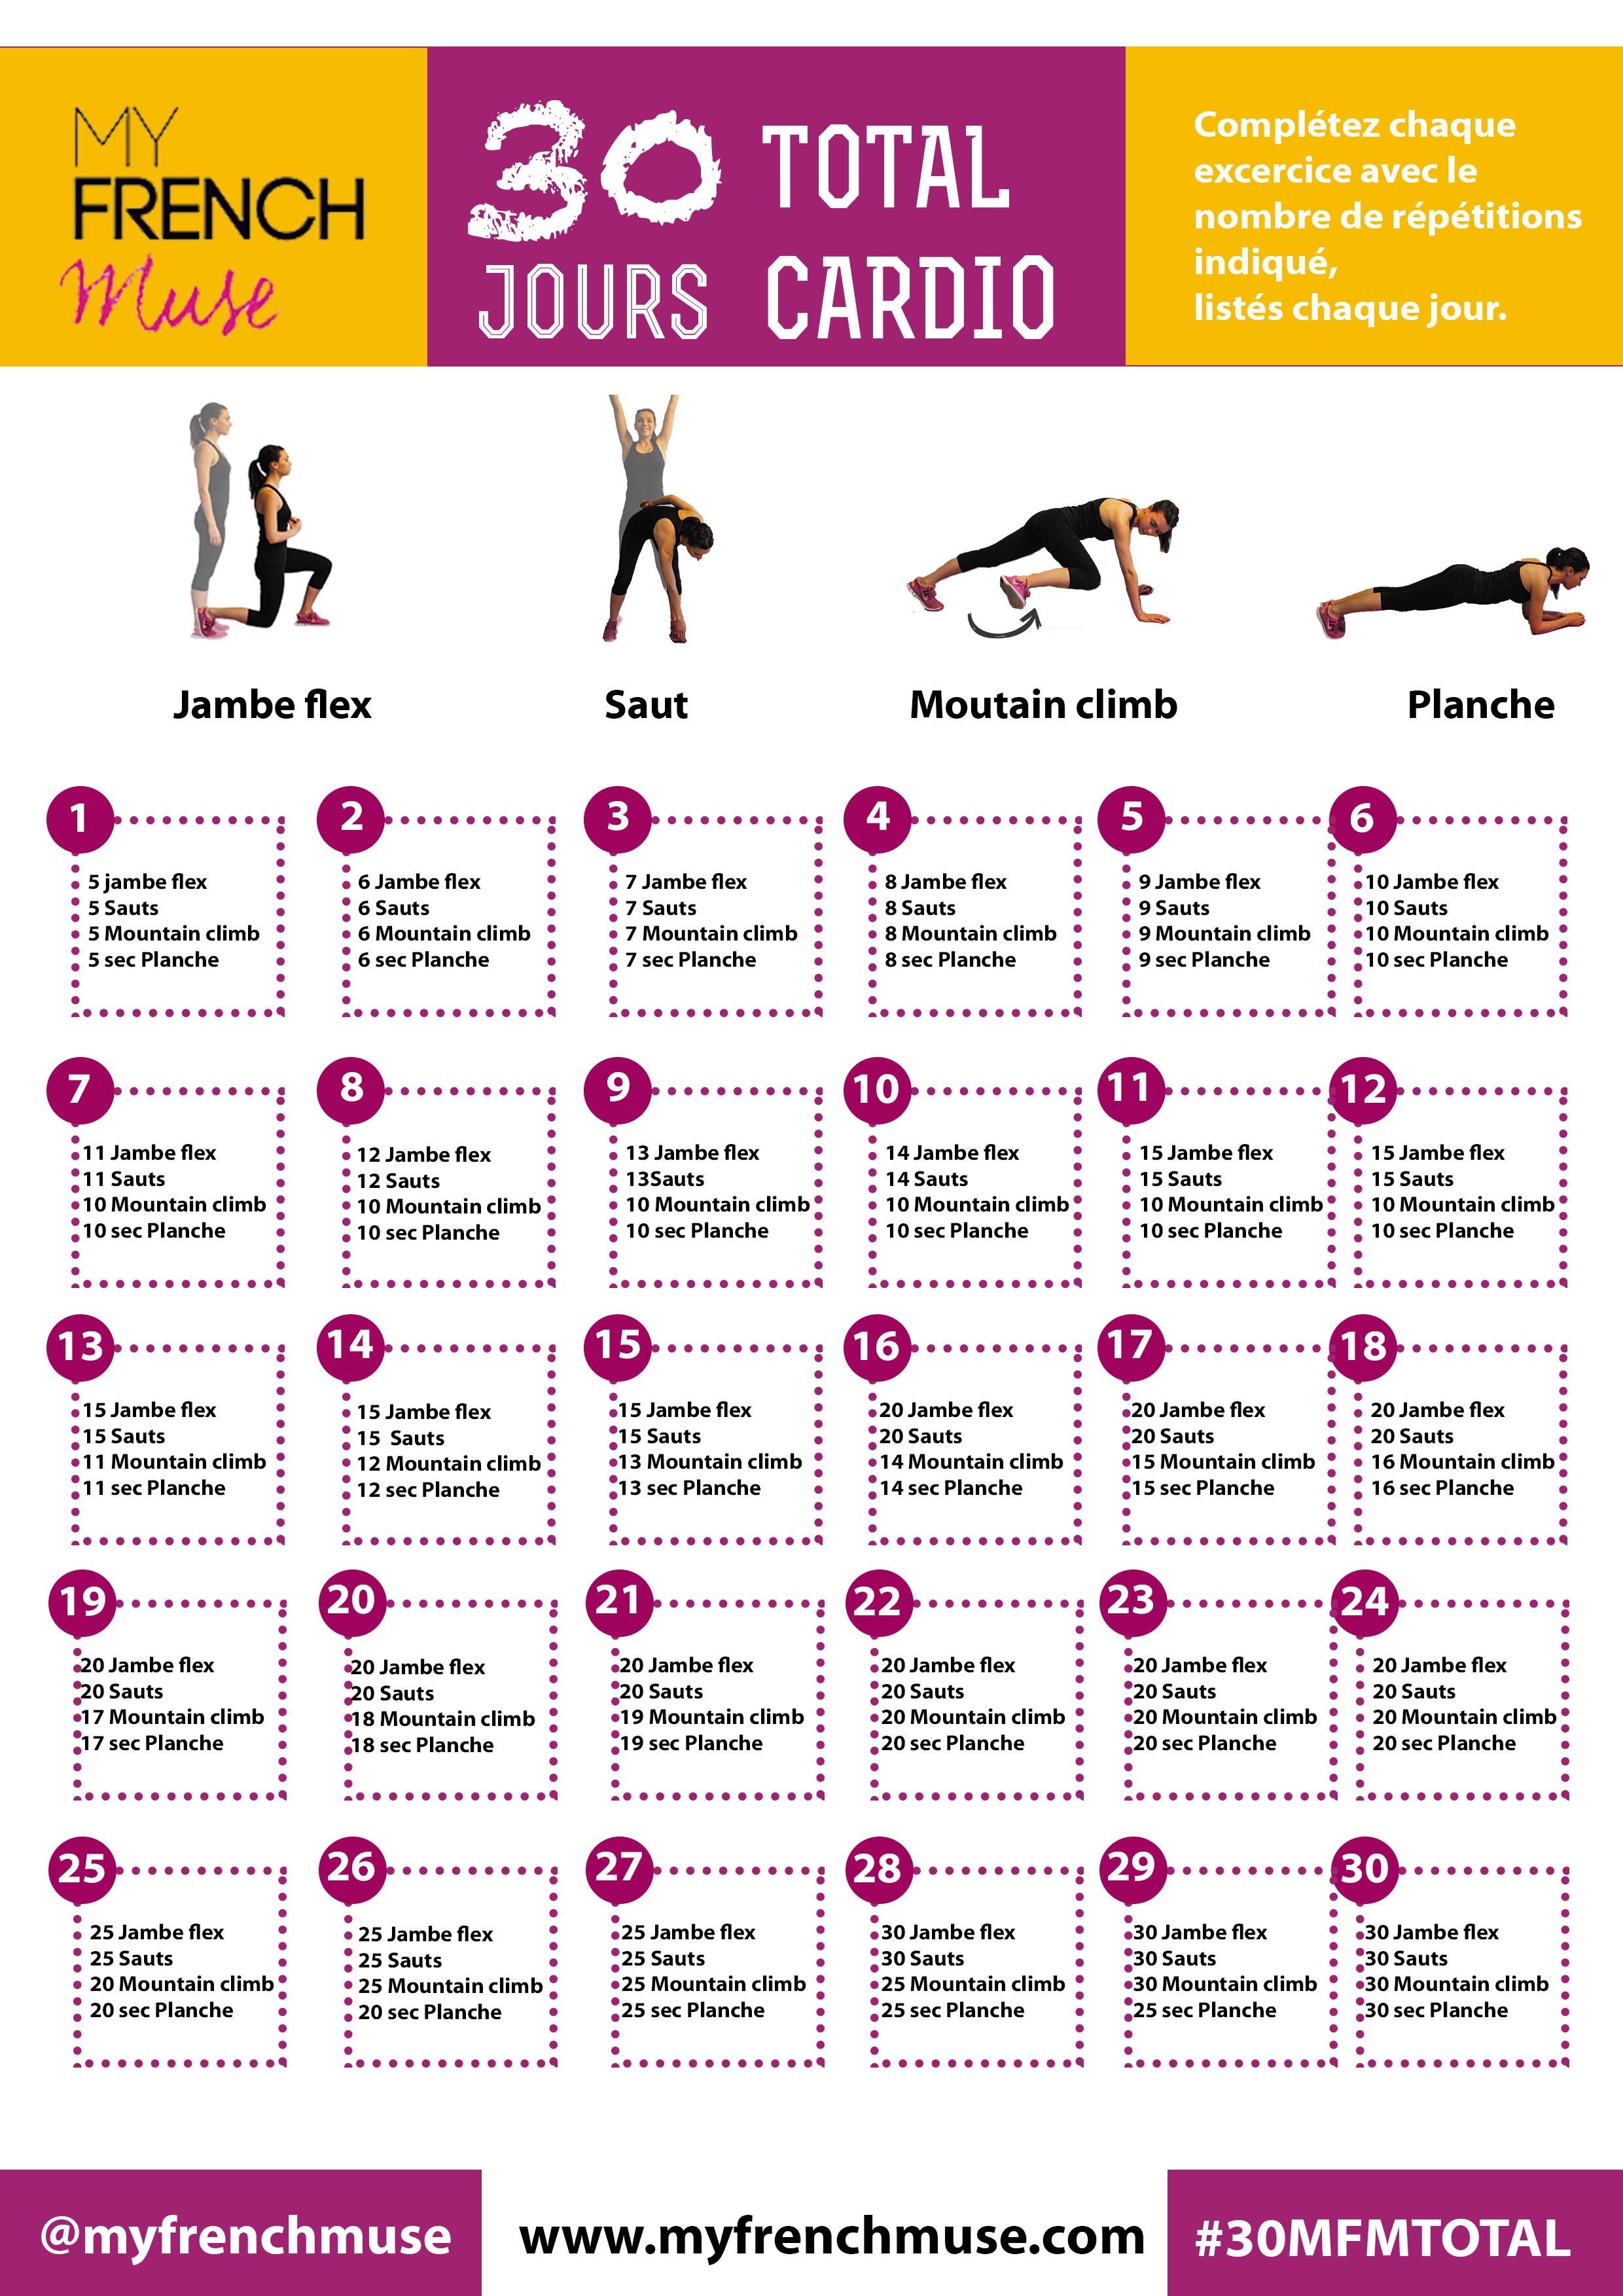 défi de perte de poids activia est le congee bon pour perdre du poids